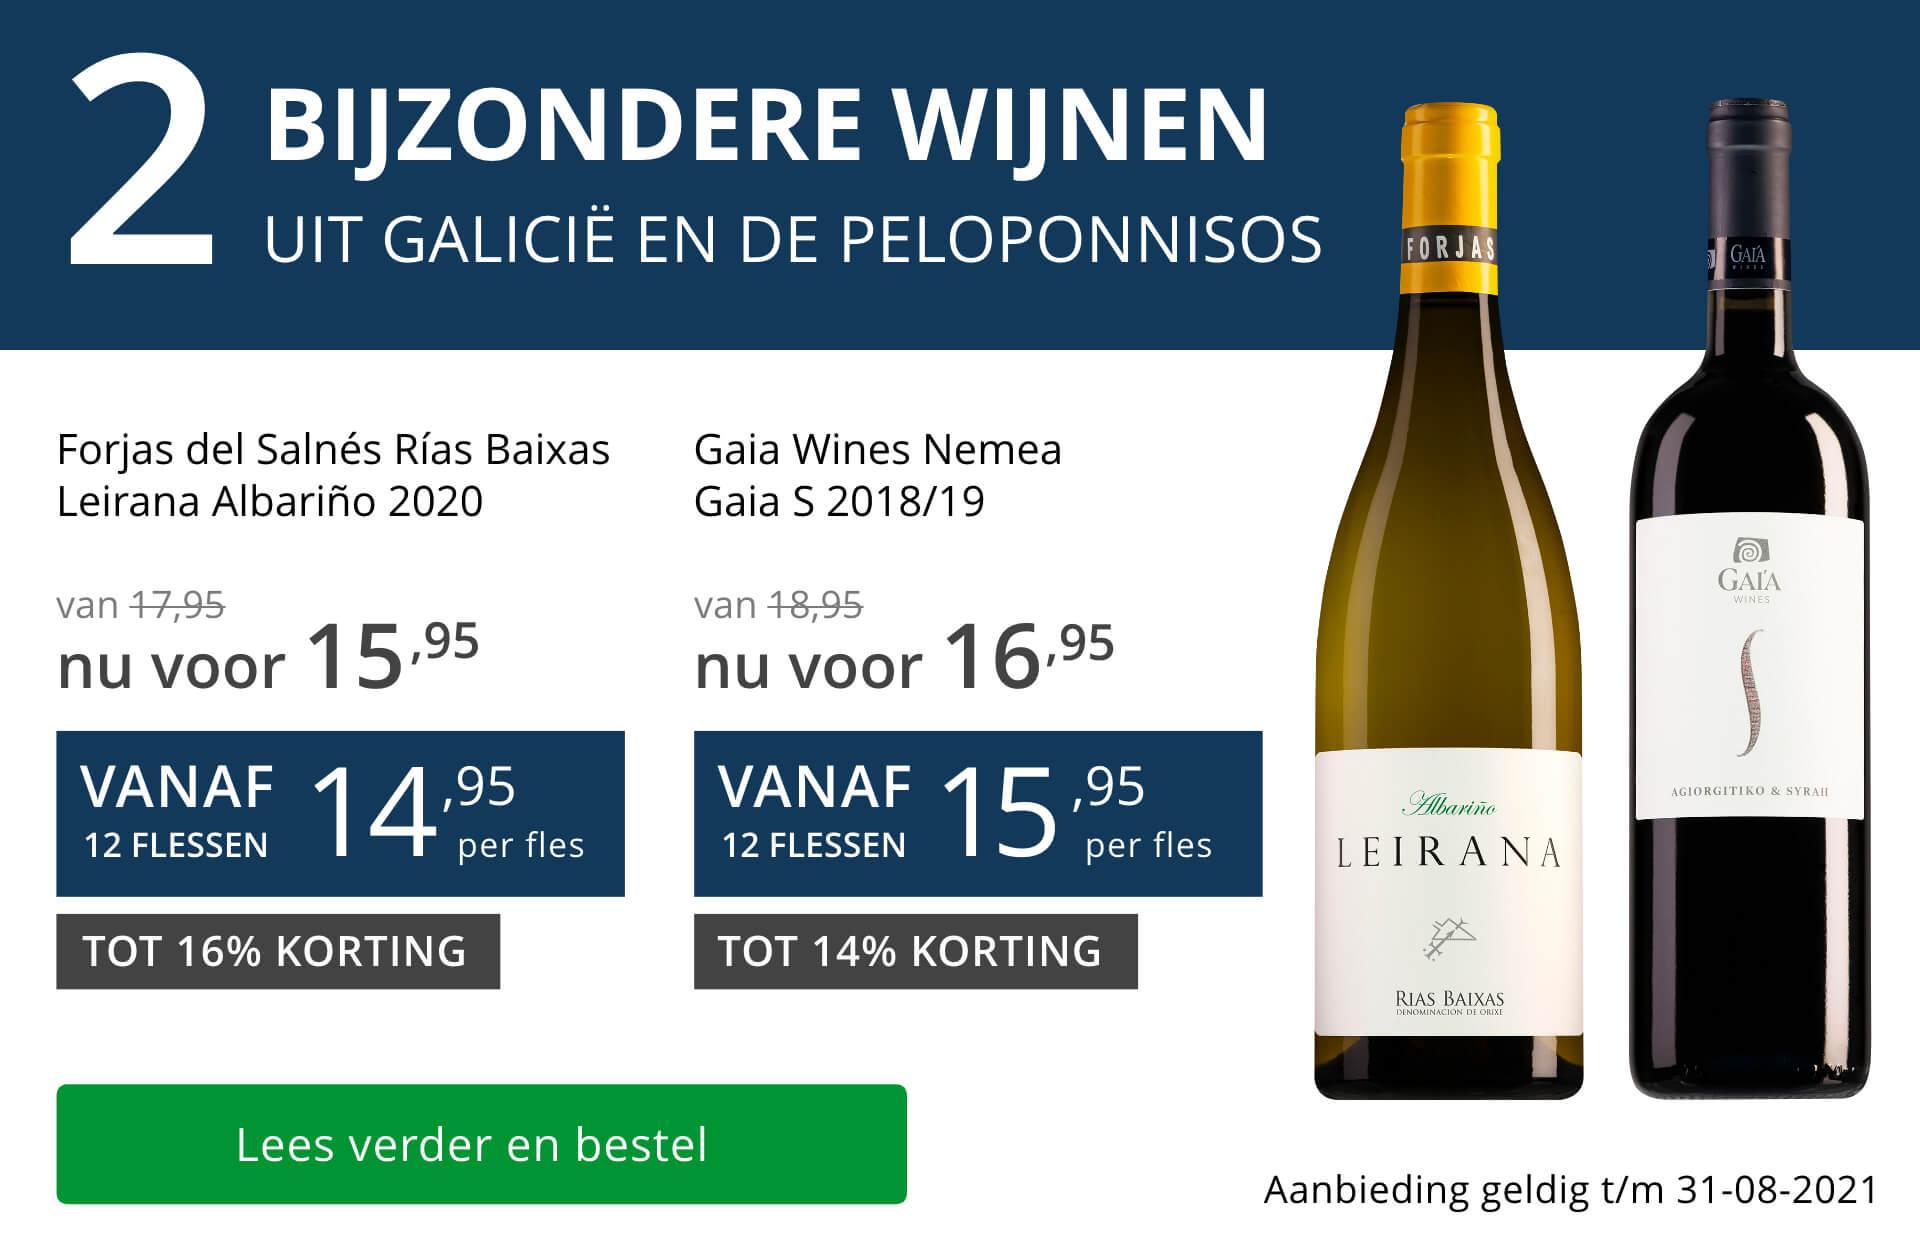 Twee bijzondere wijnen augustus 2021 - blauw